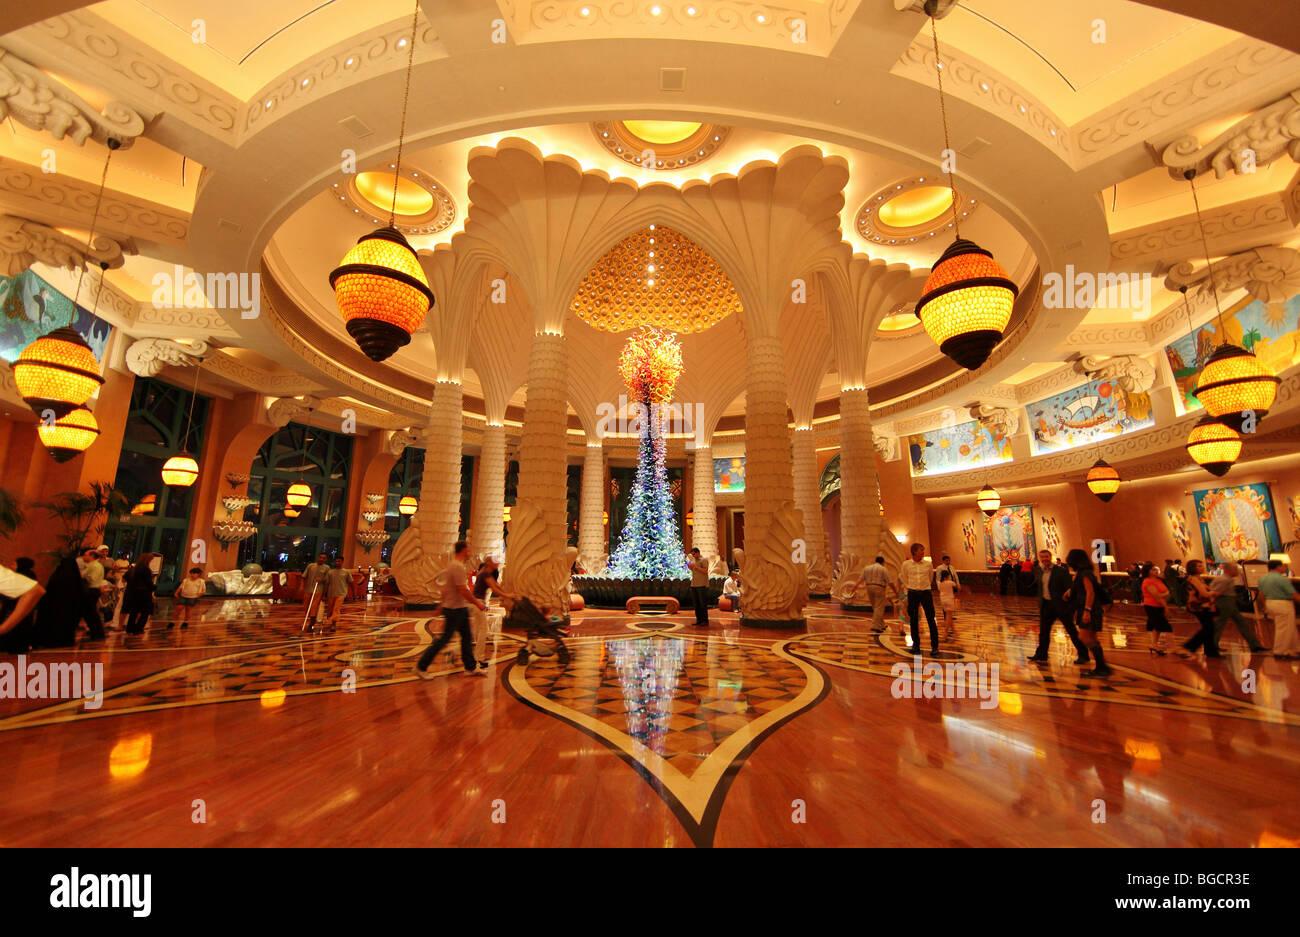 Buy Hotel Room In Dubai